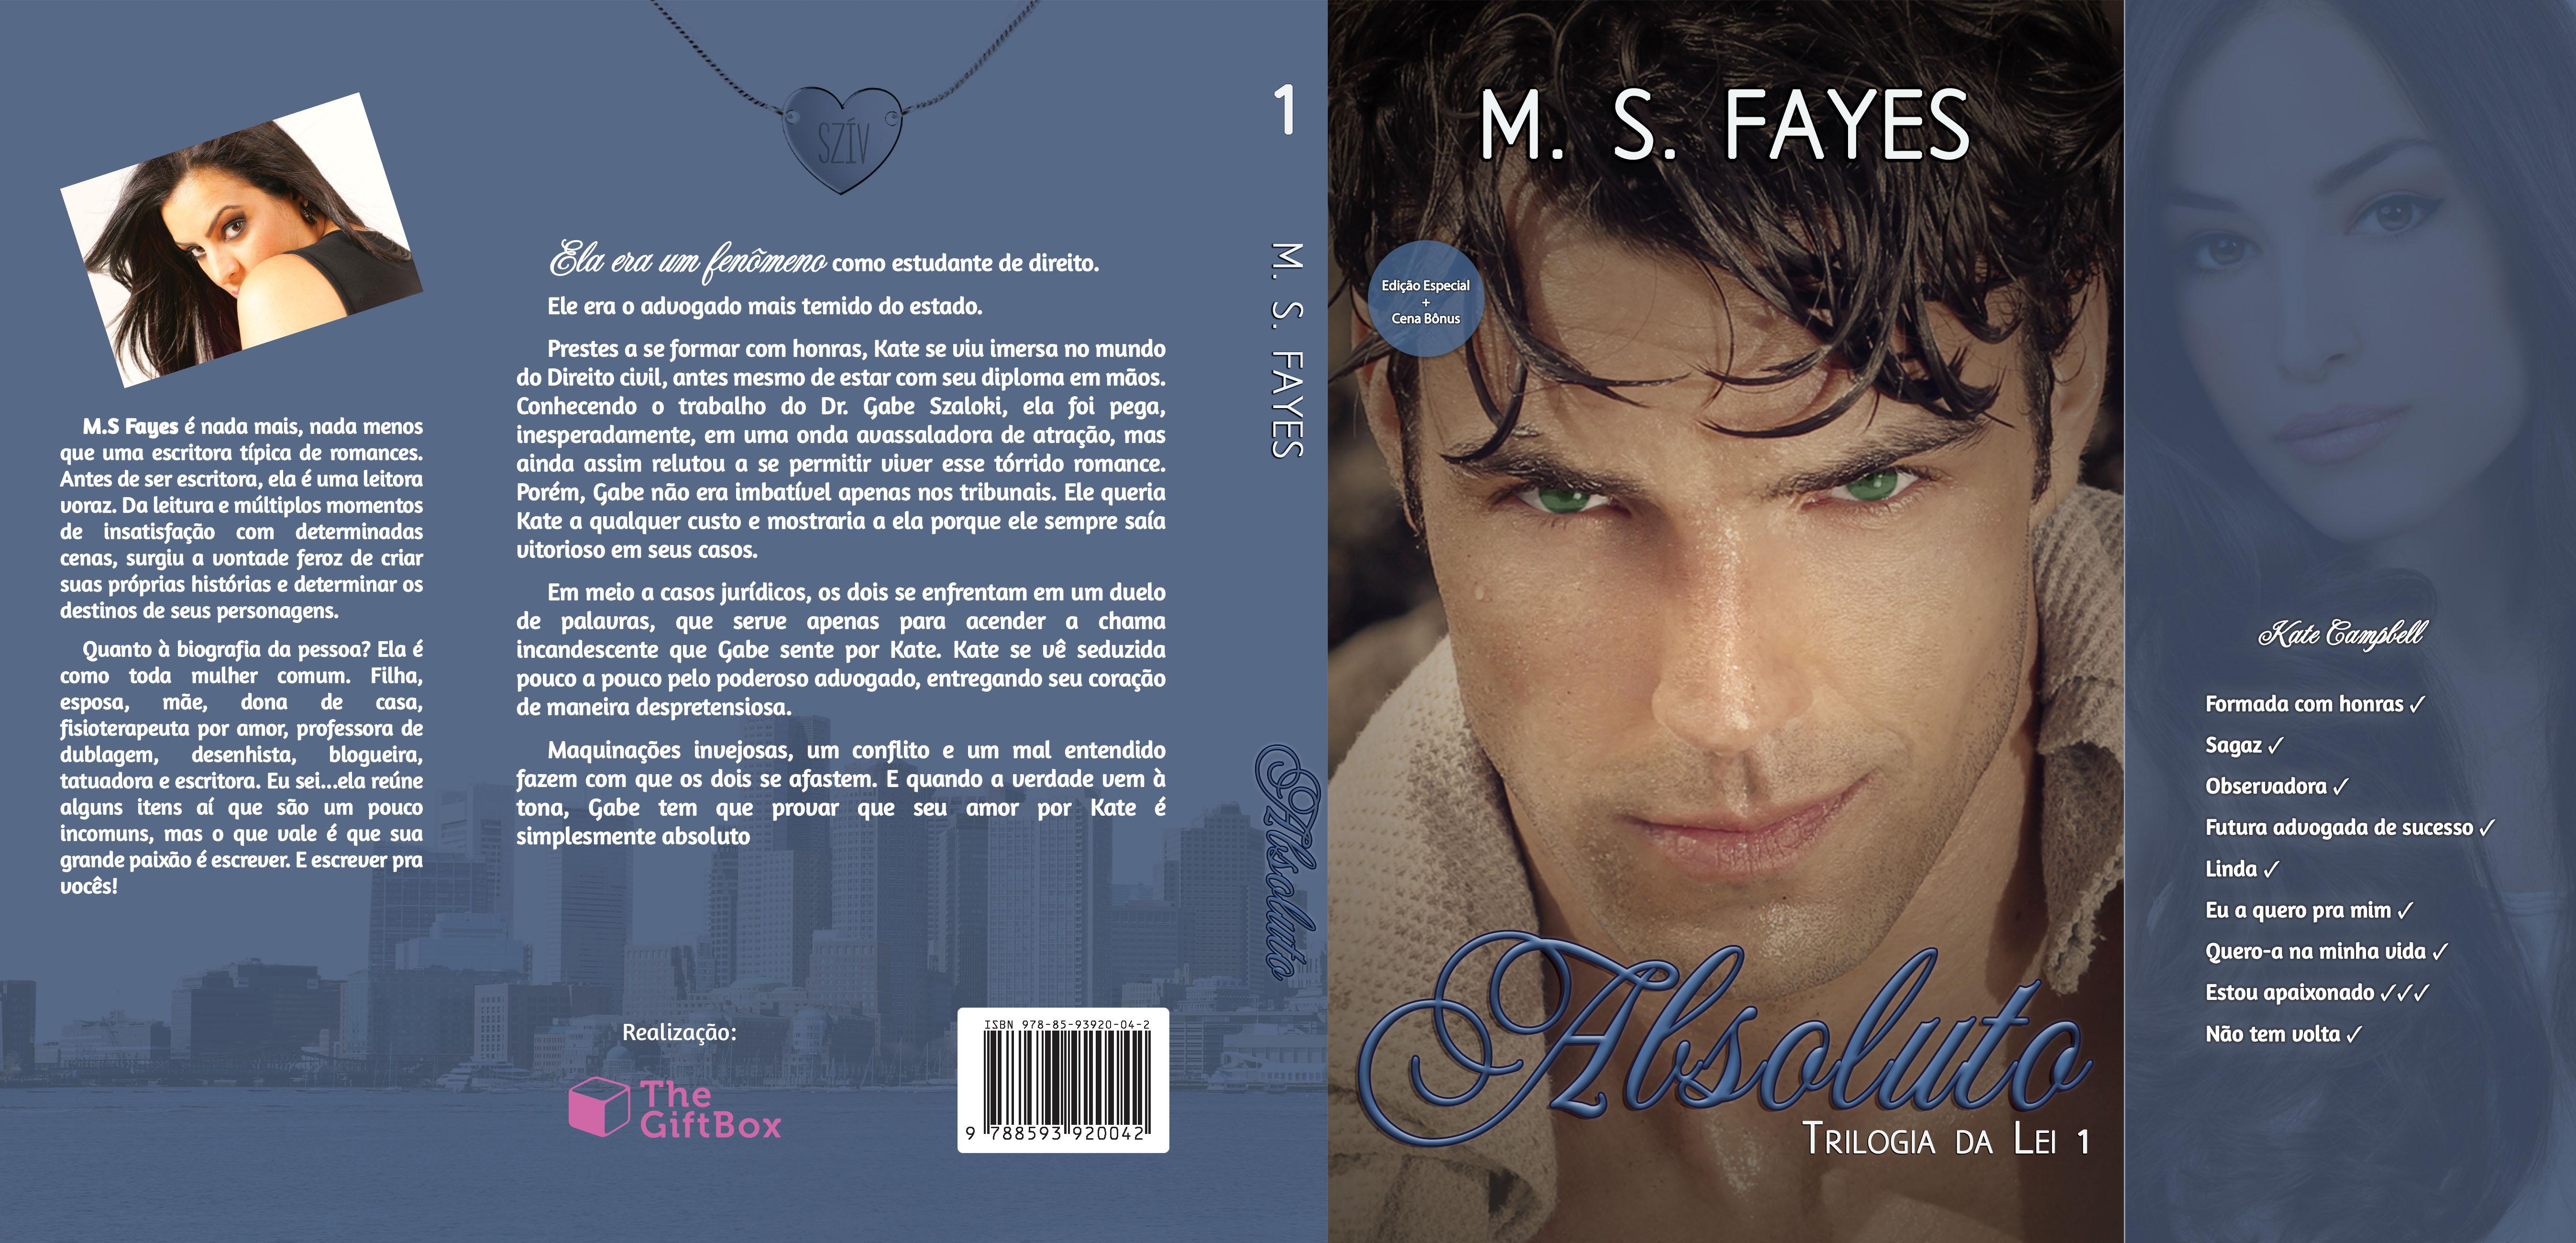 Absoluto – Trilogia da Lei 1 – M. S. Fayes (Diagramação impressa – Publicação independente)